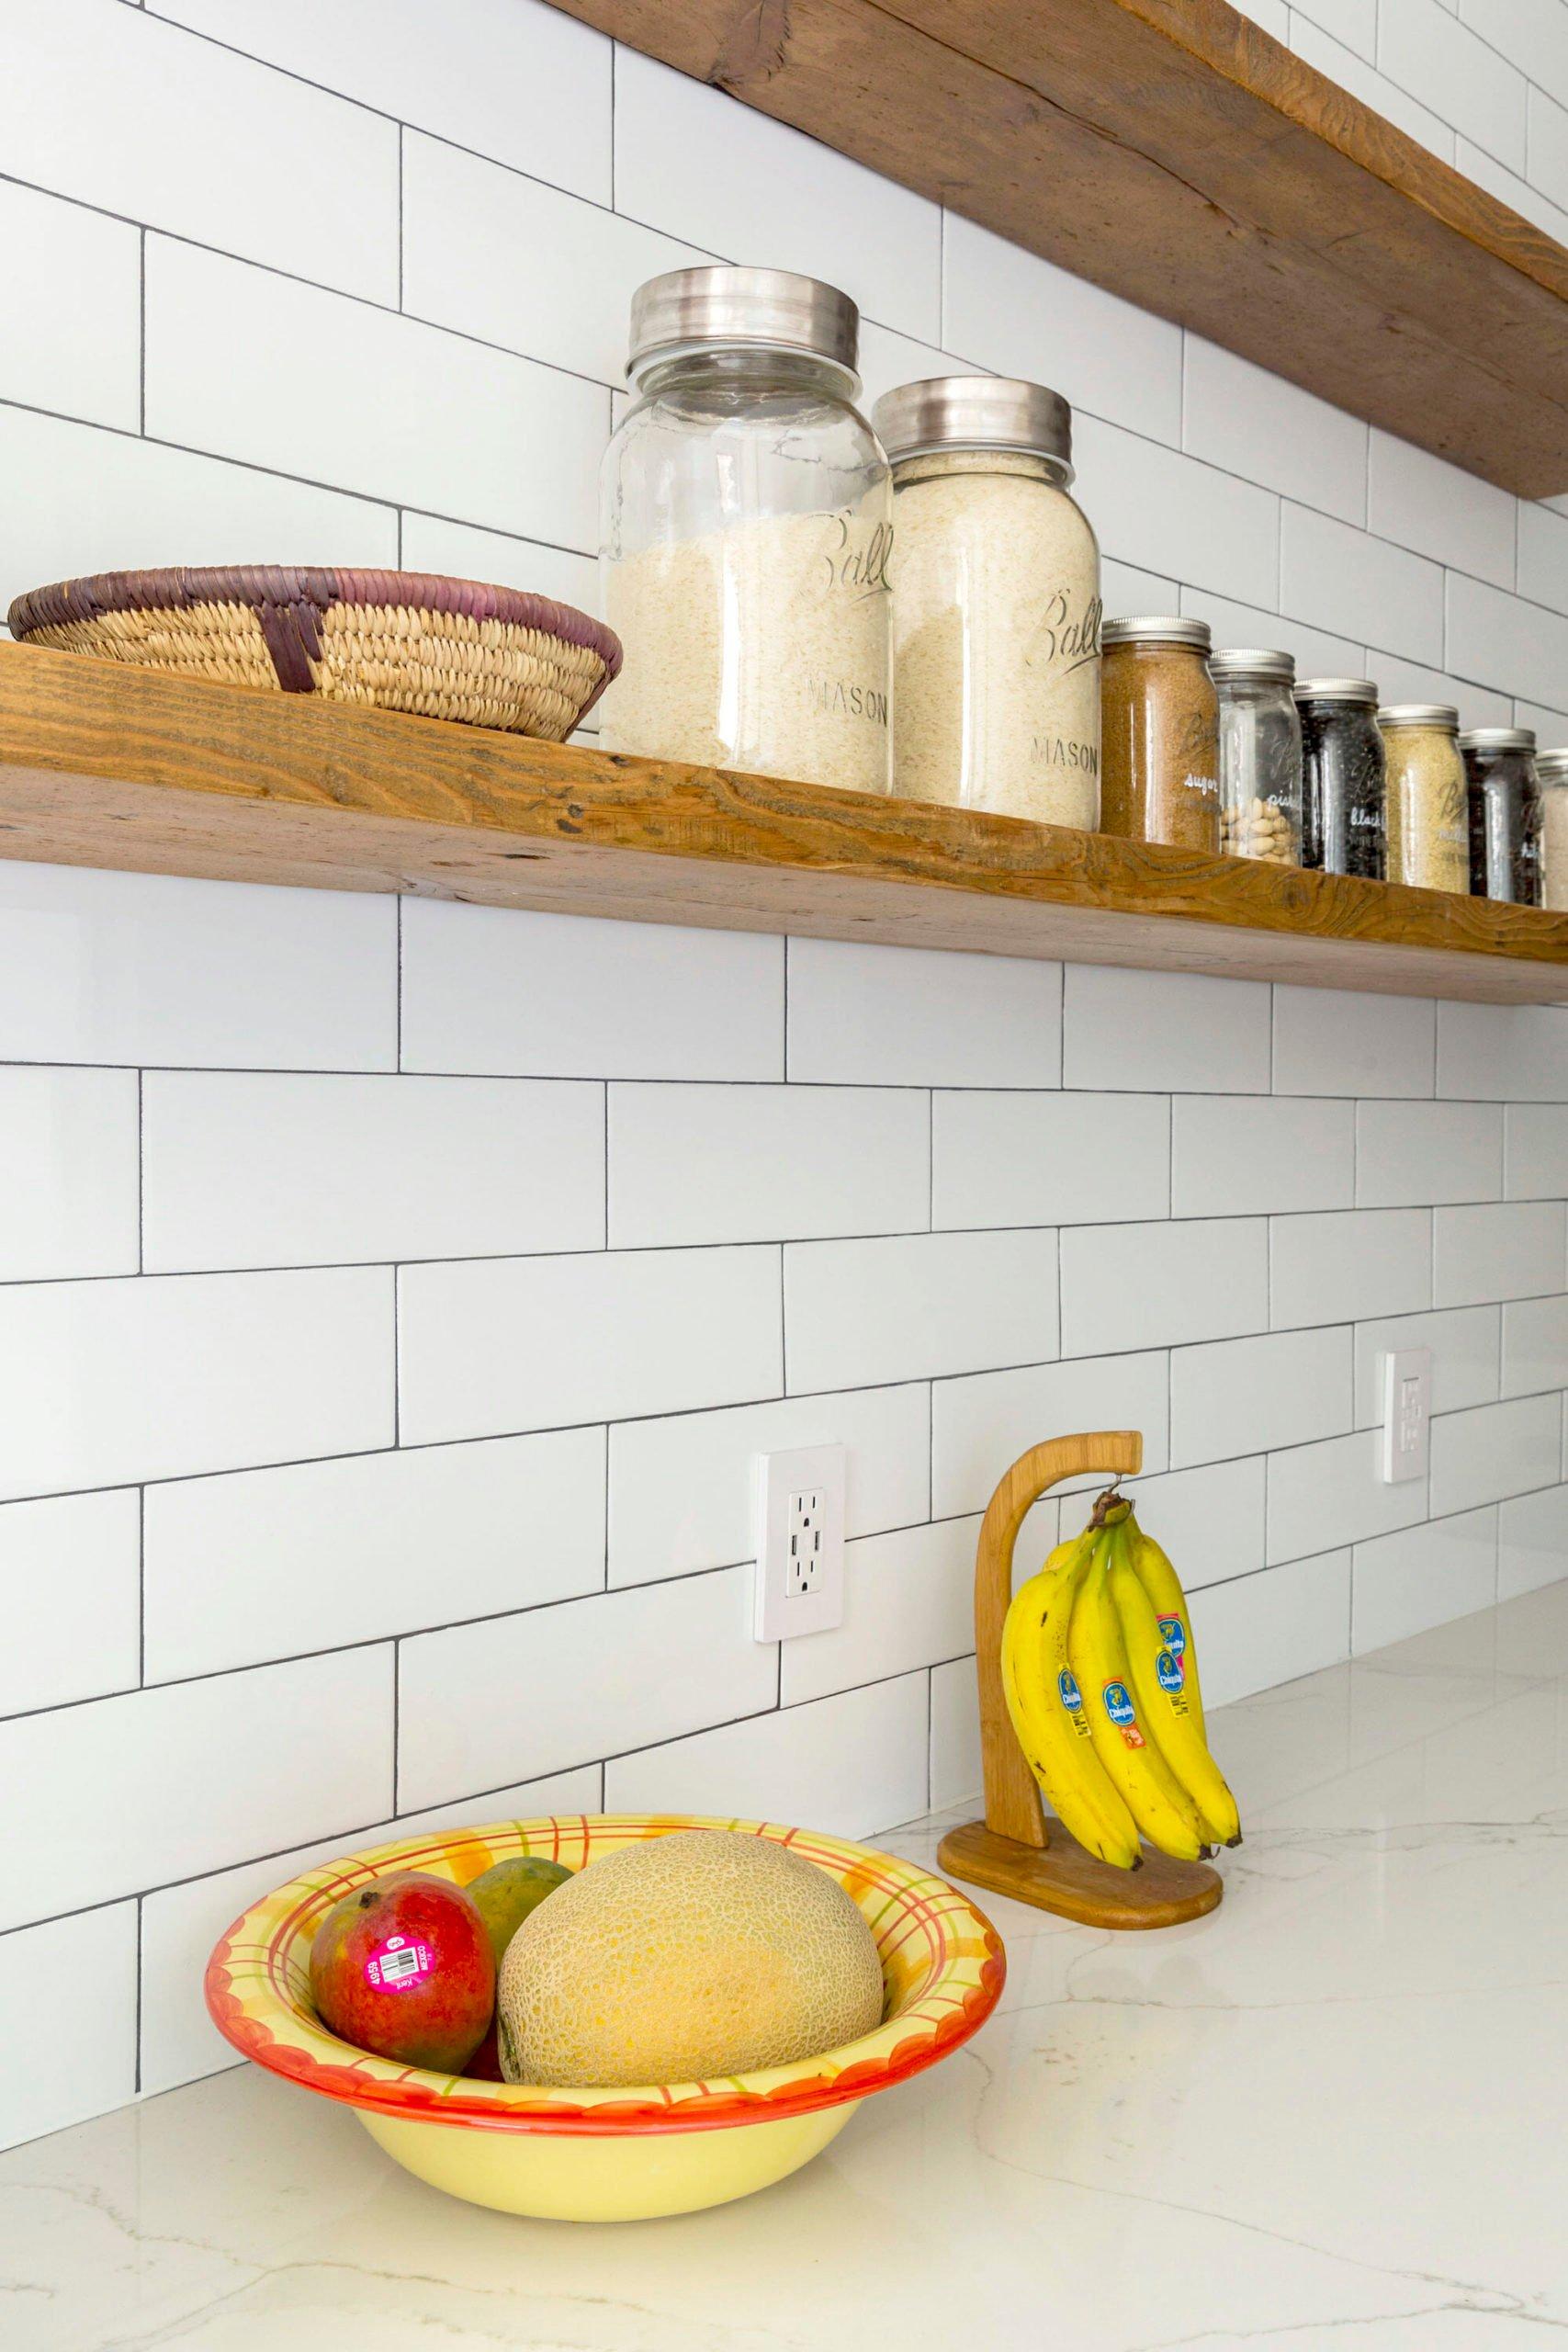 Imagen de una encimera de cocina con un metro blanco hecho de baldosas de metro y estantes abiertos